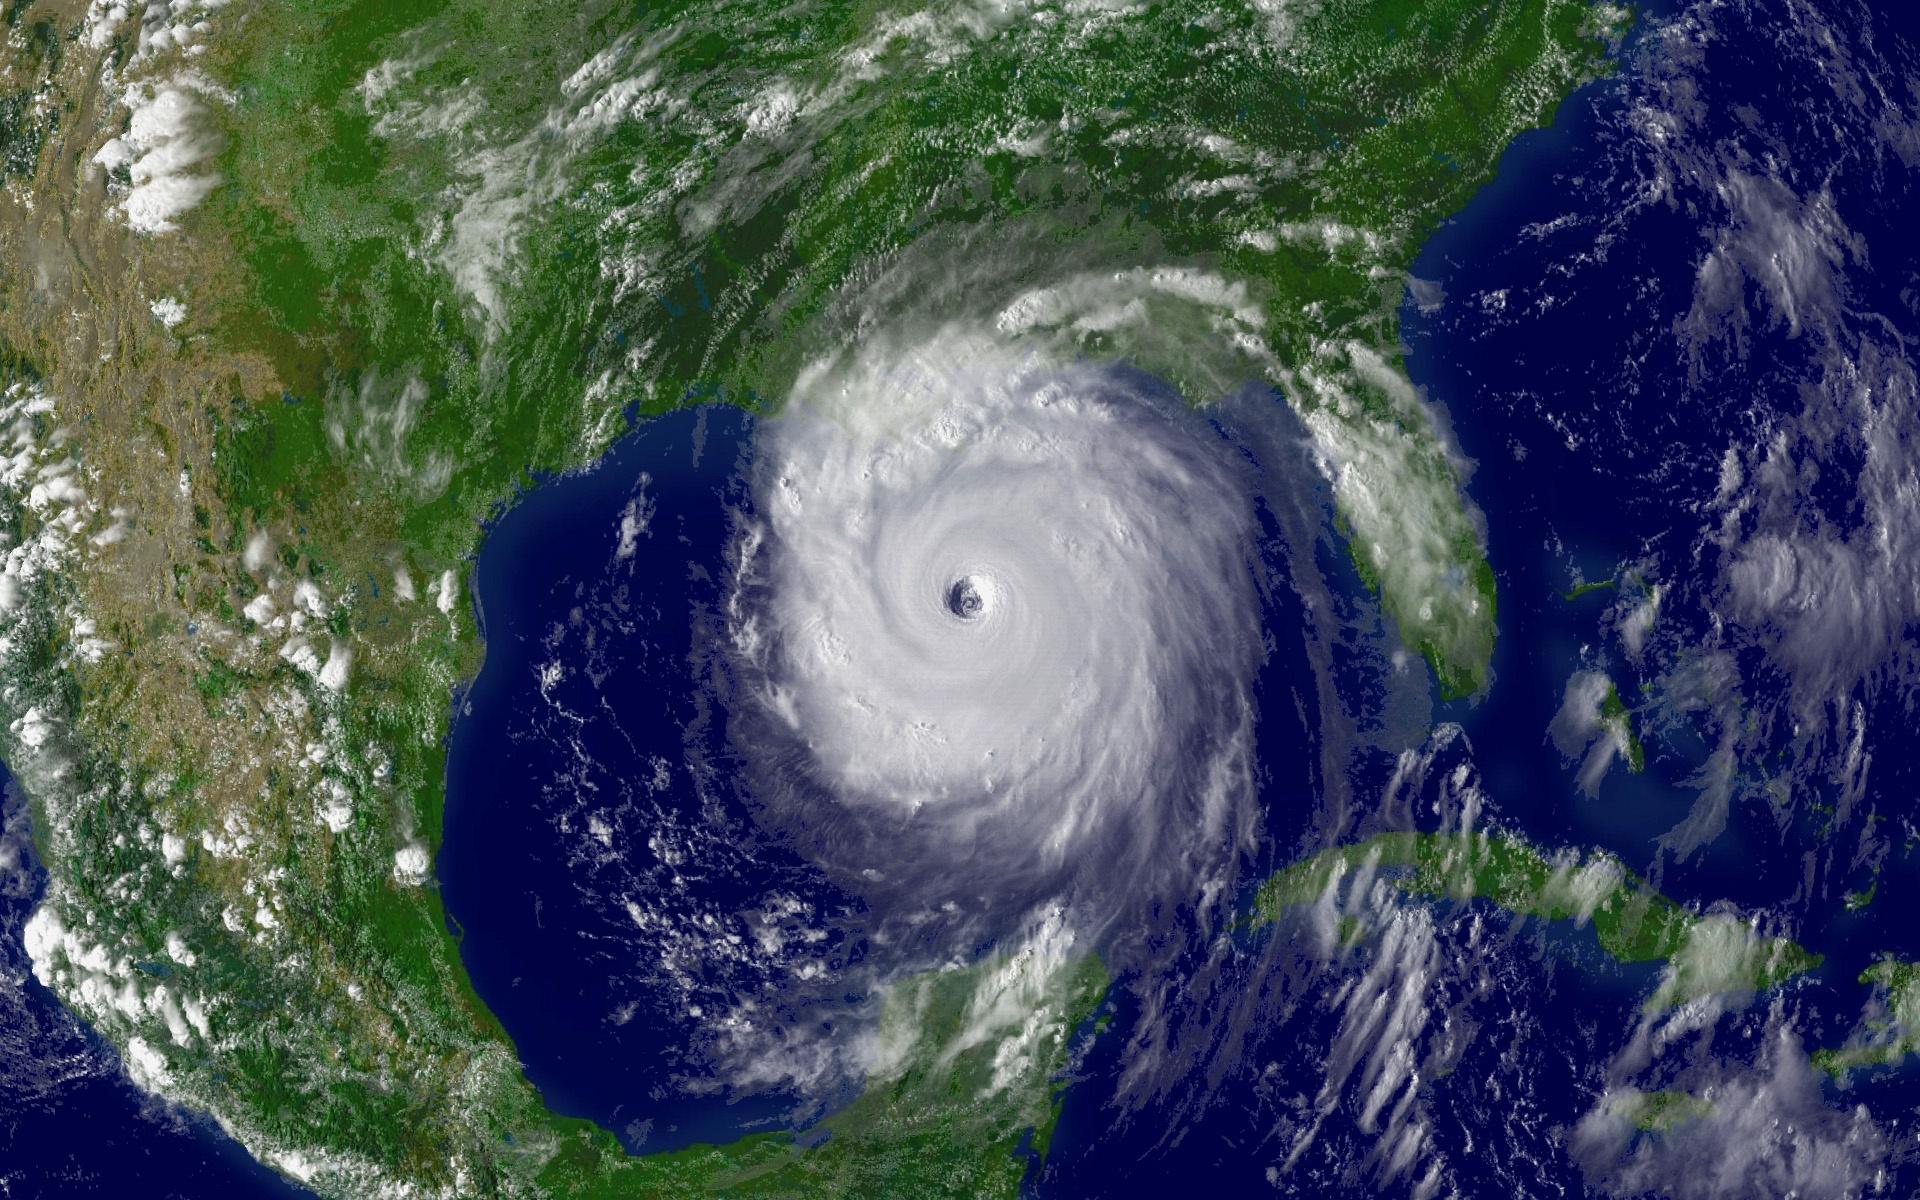 Miért nevezik viharnak. Miért úgy hívják a hurrikánokat, ahogy? - butor-lakberendezes.hu